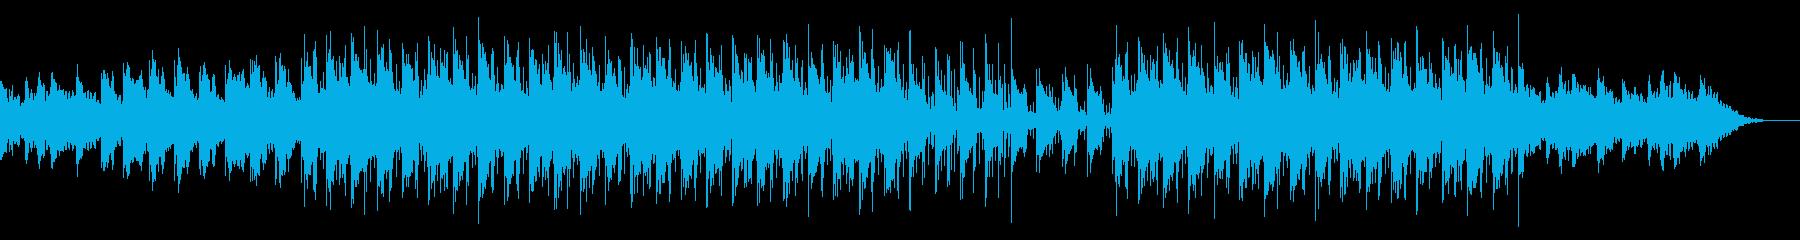 リラックスできる癒しのチルBGMの再生済みの波形